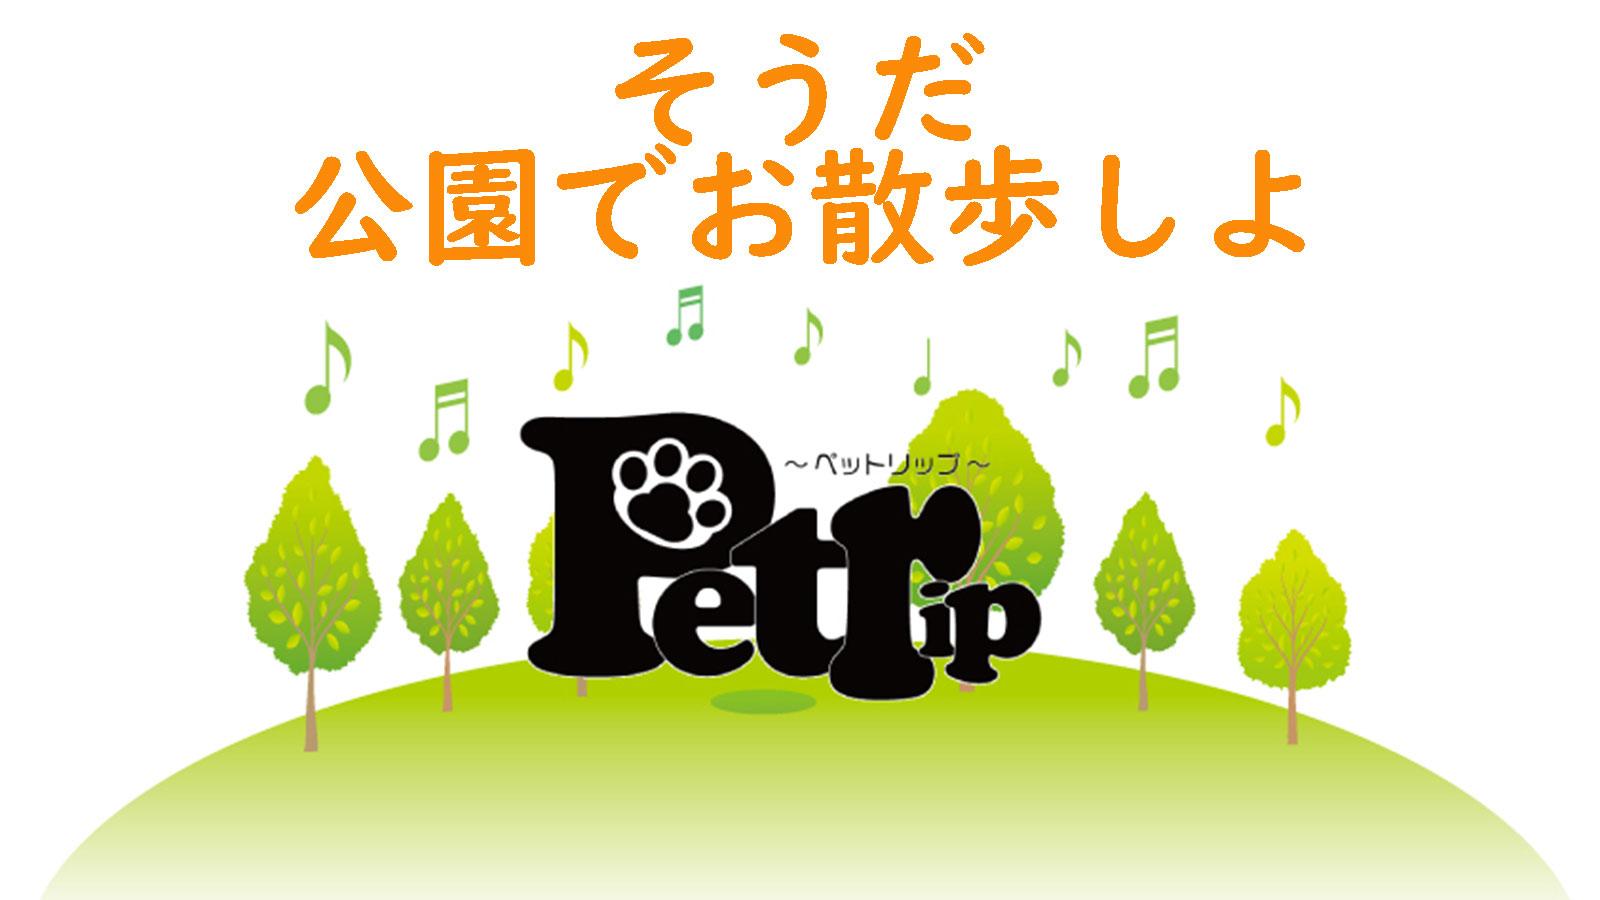 シニアワンコも楽しめる。東京から2時間で行ける、実際に行ってみたおススメ公園